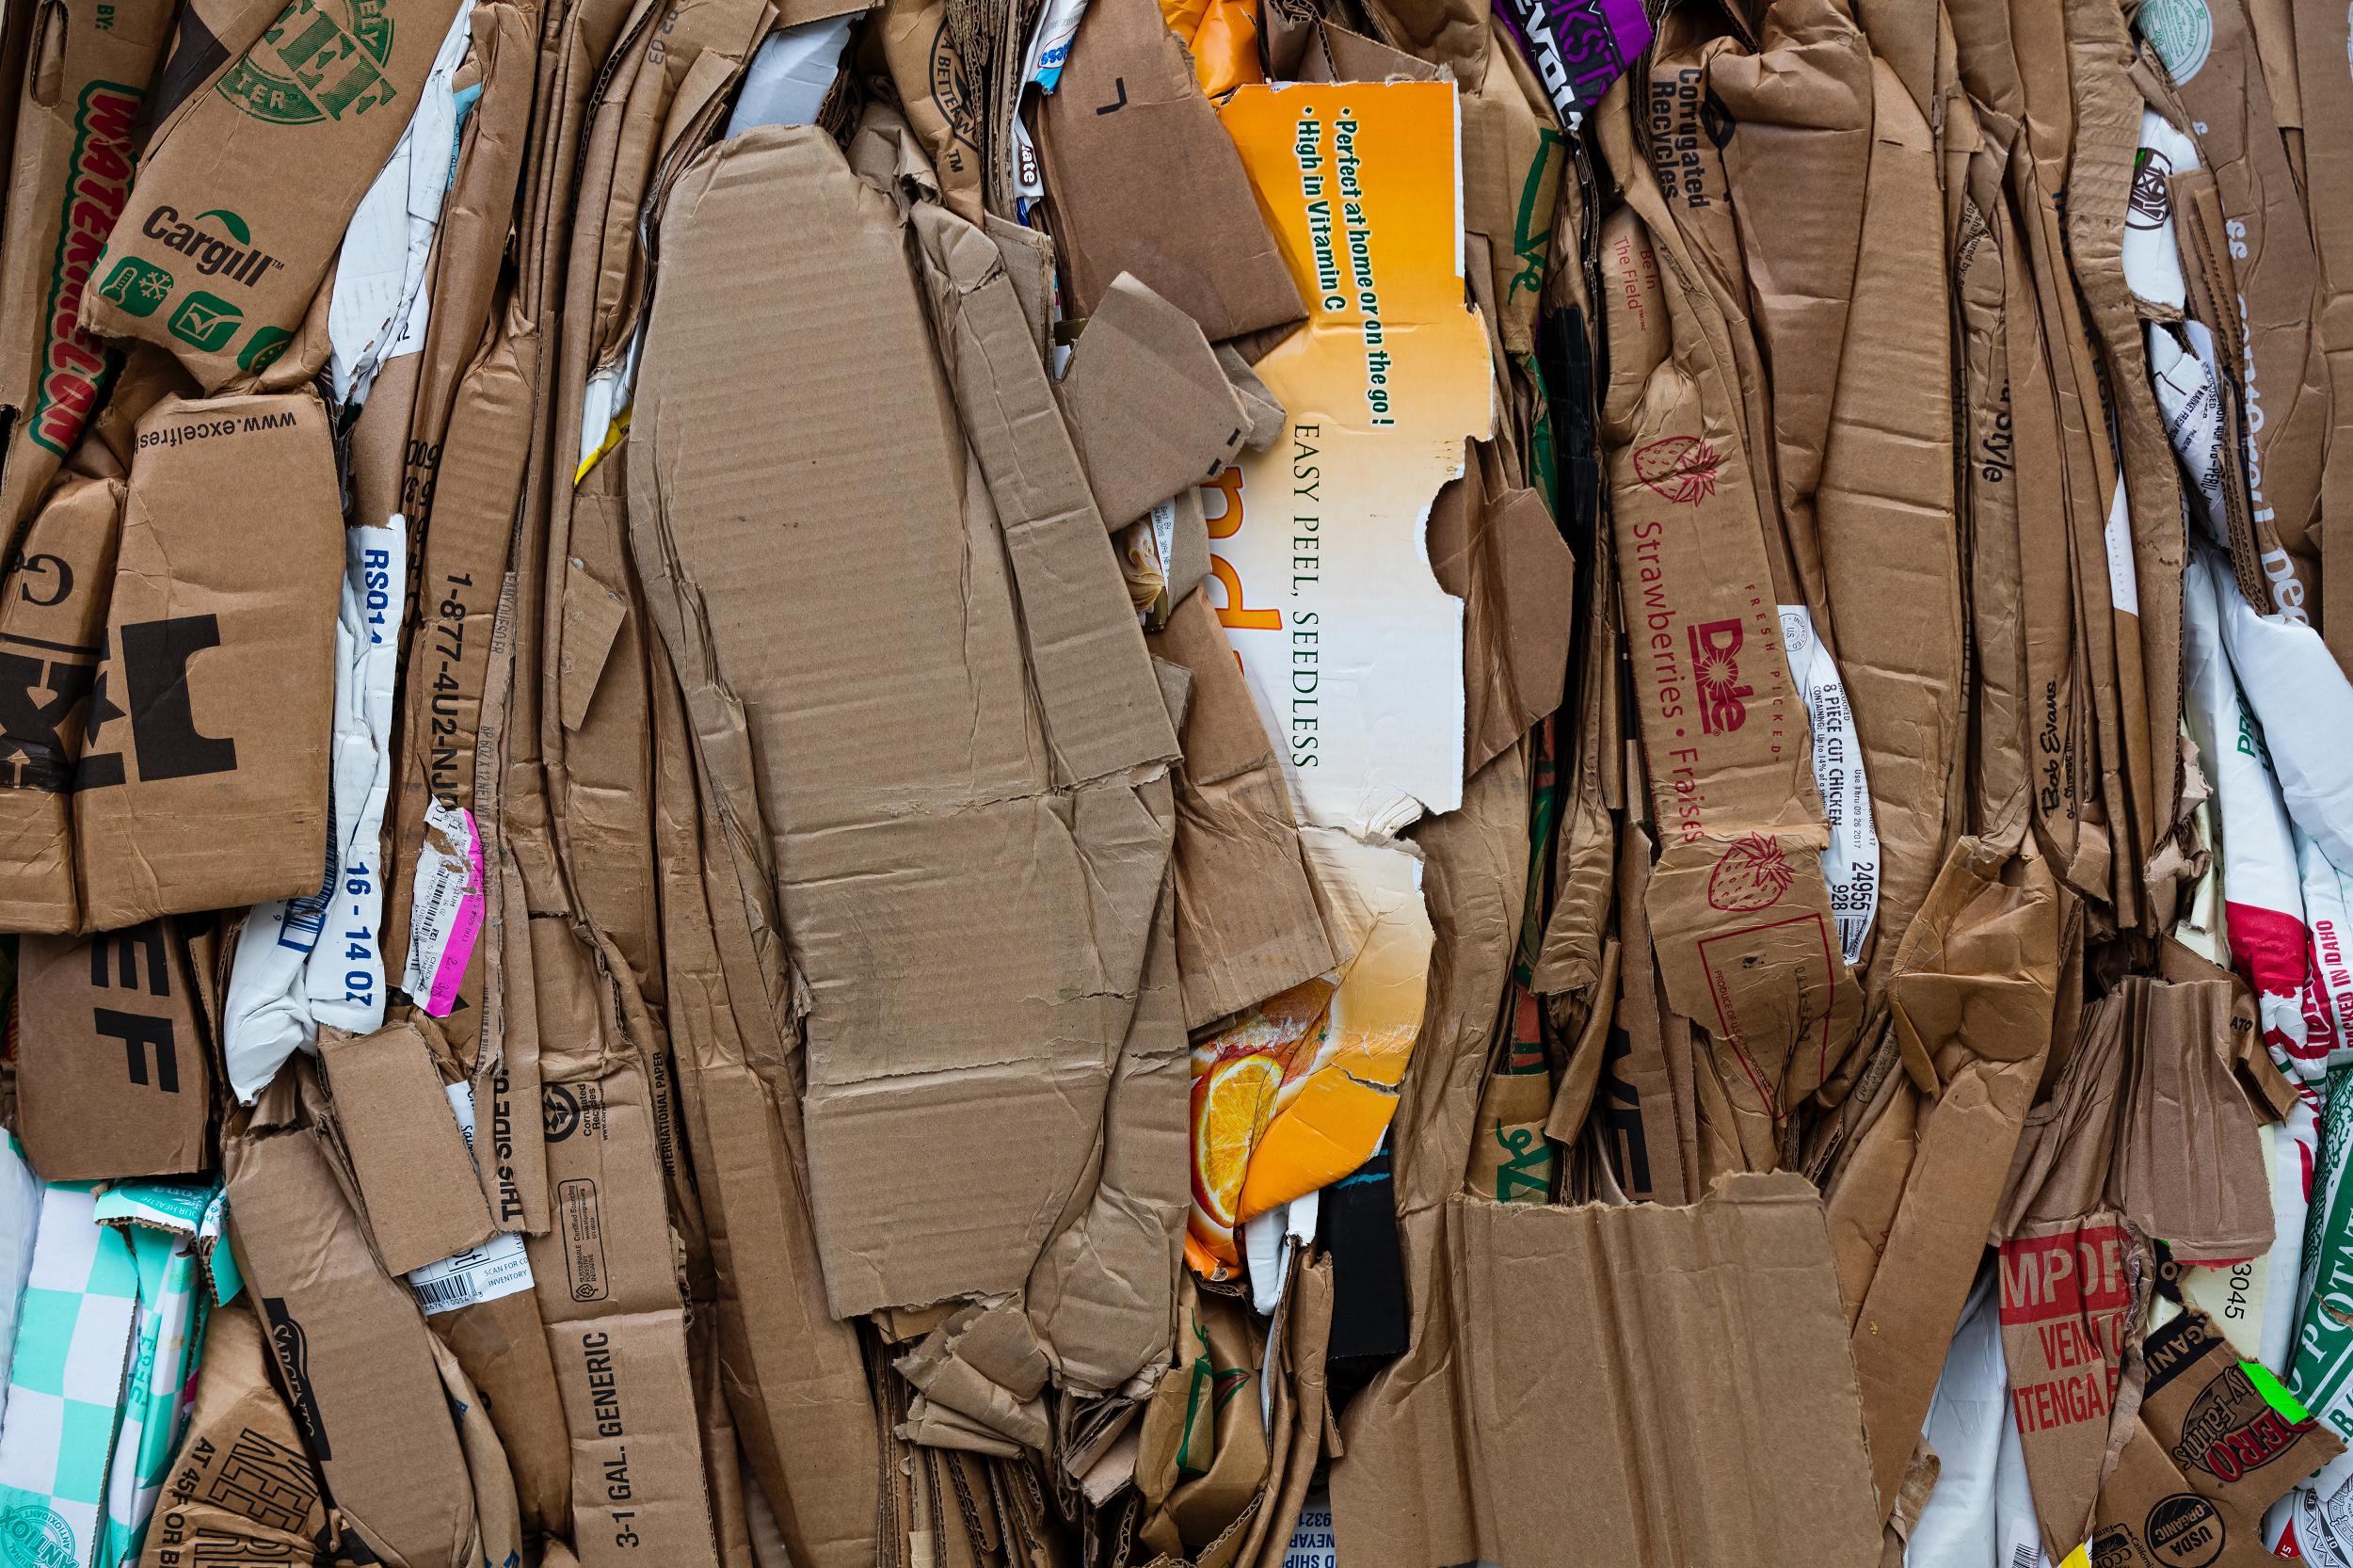 Hoeveel kilo papier kan er in een container?